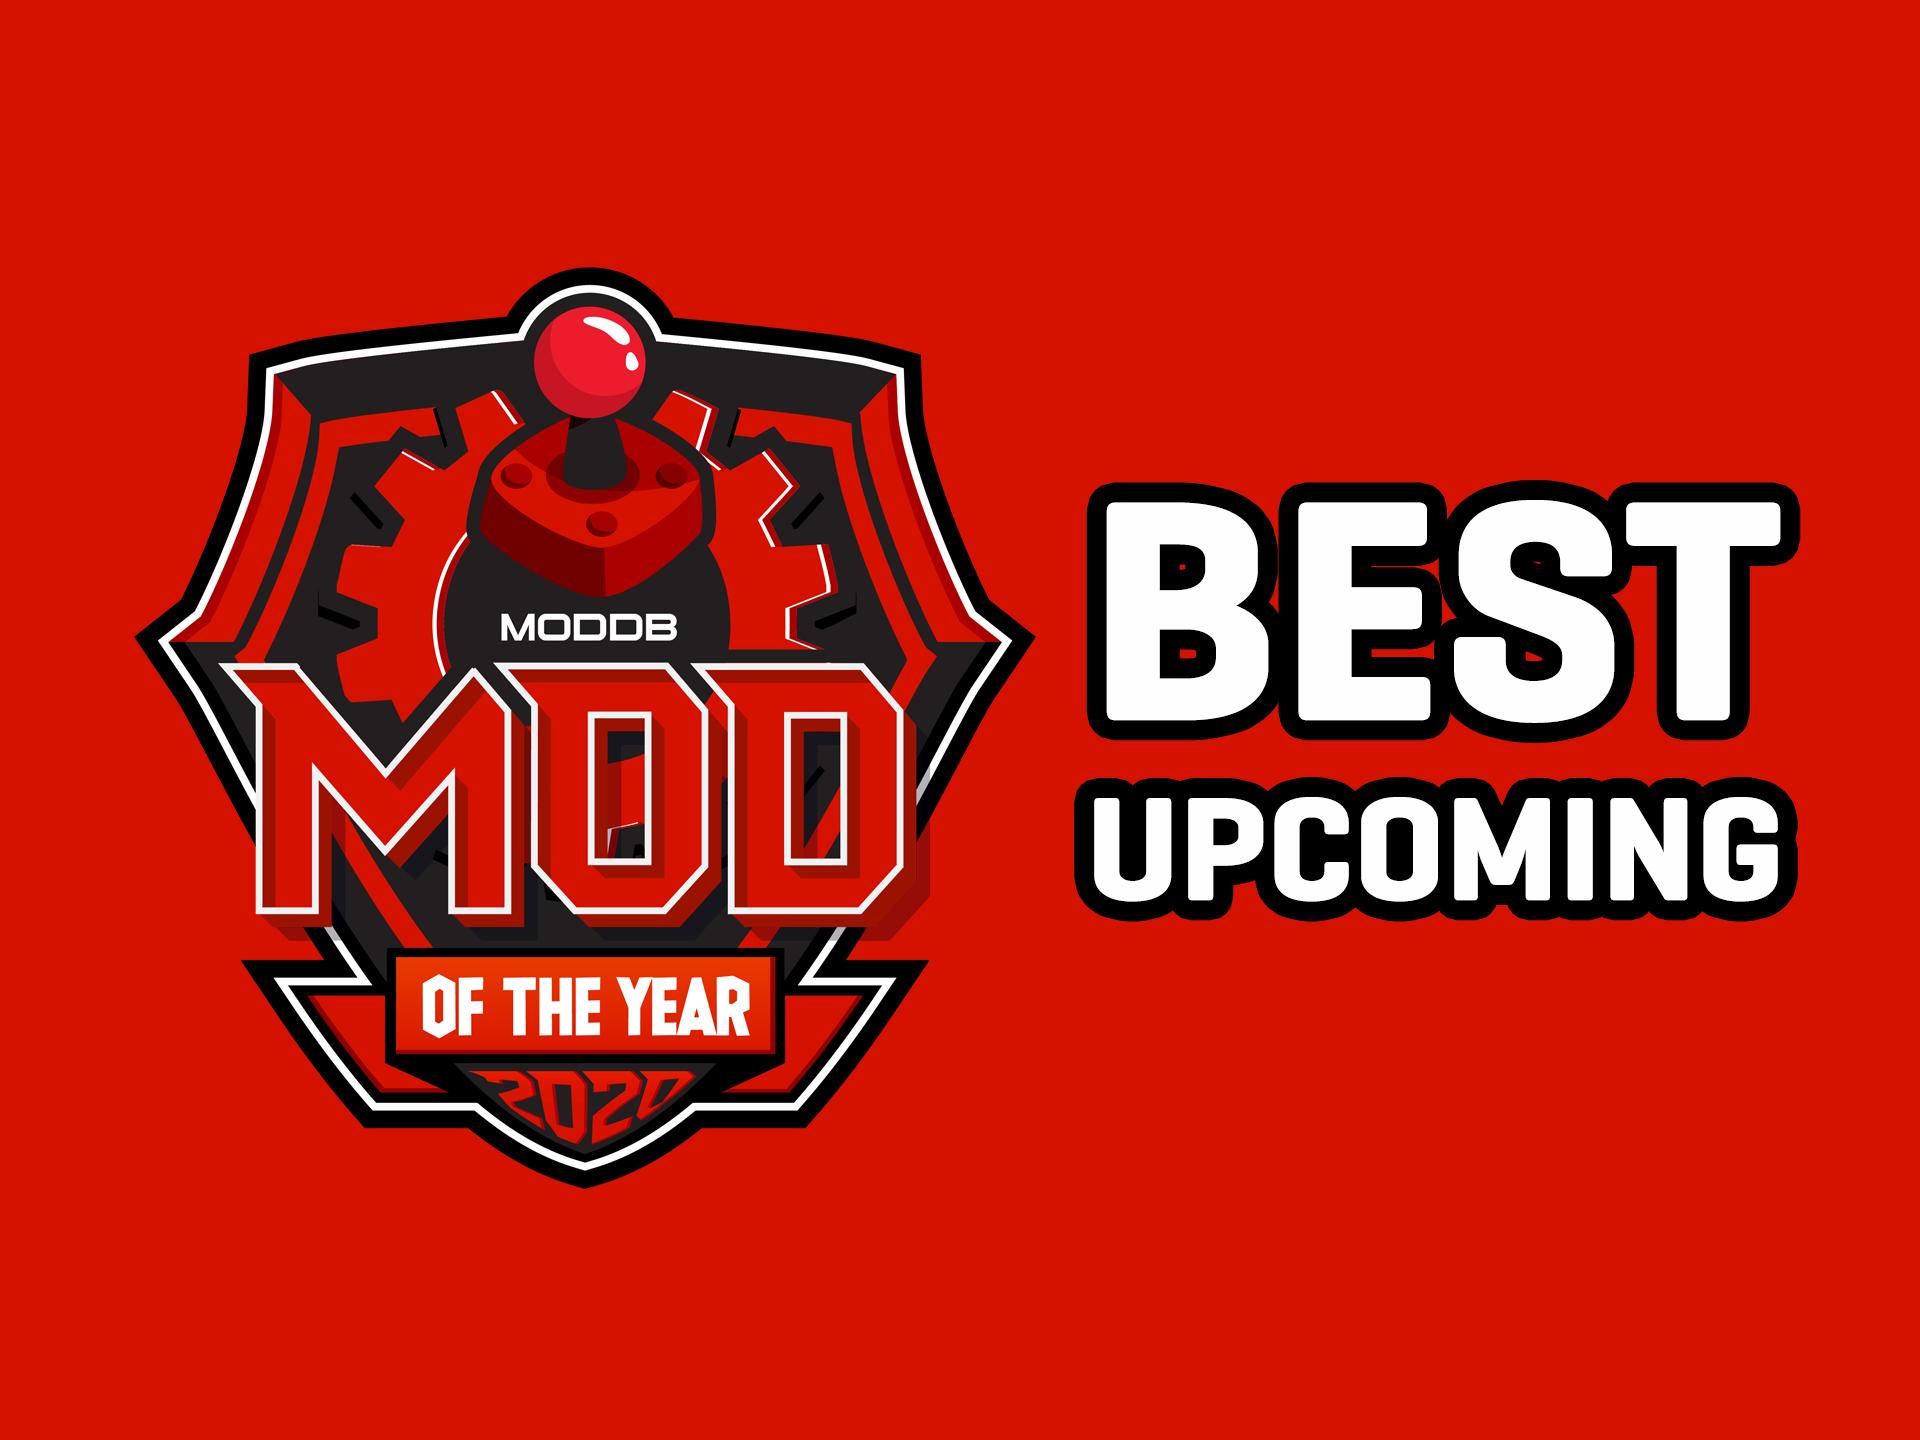 www.moddb.com